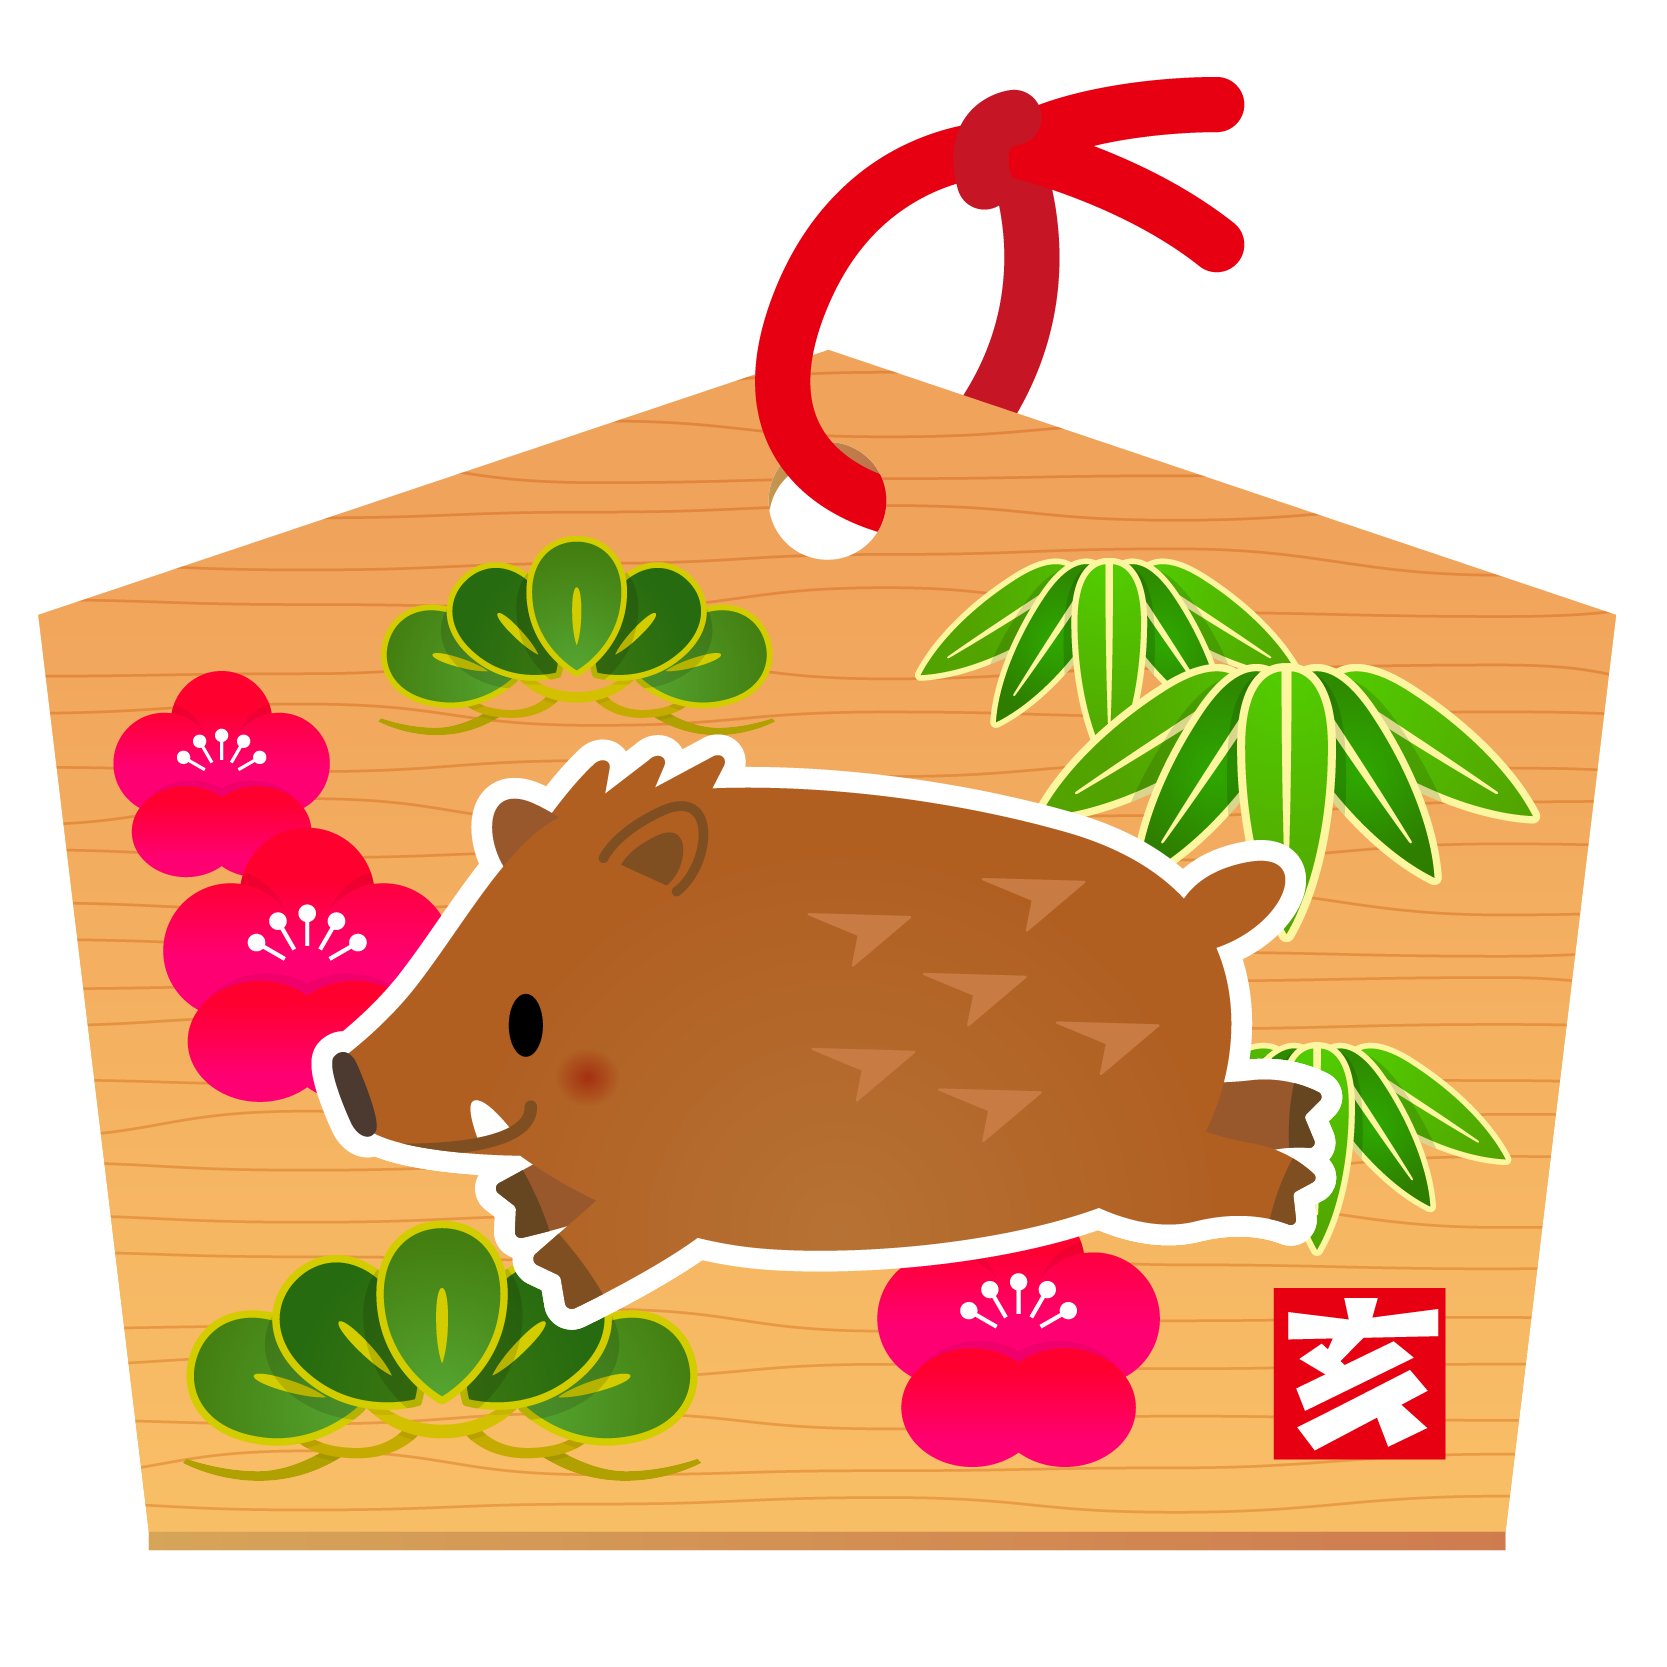 商用フリー・無料イラスト_金干支_干支いのしし(イノシシ・猪)絵馬_亥年38